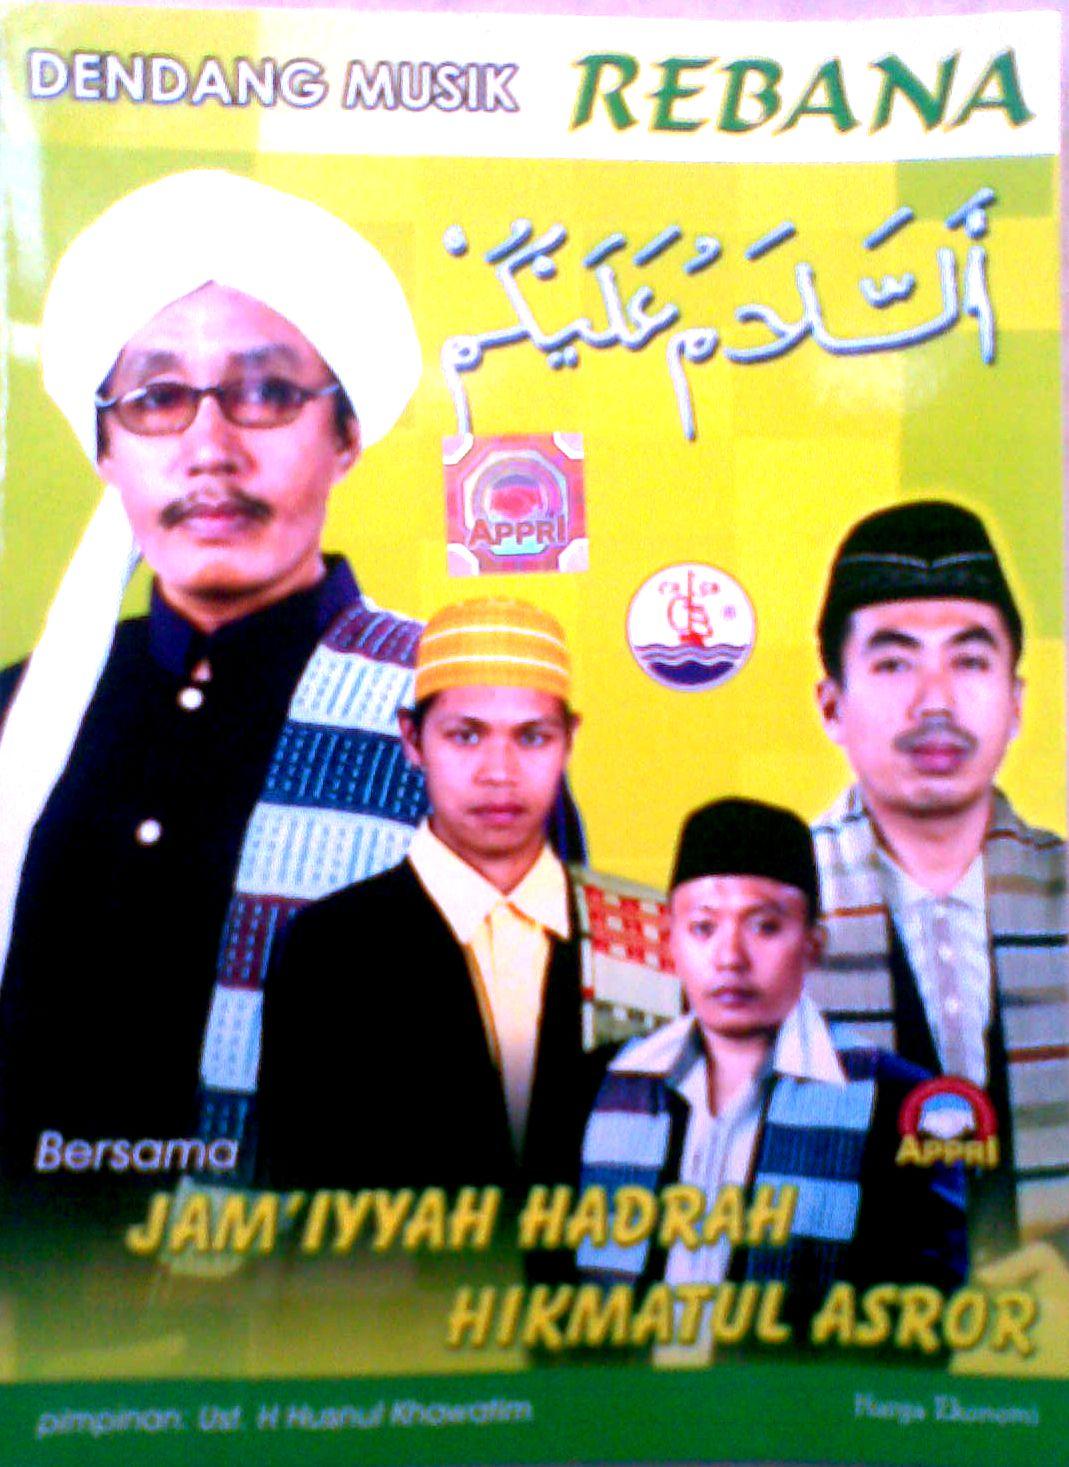 ... 2013 indonesia barat arab india dll buku paduan suara satb lagu lagu